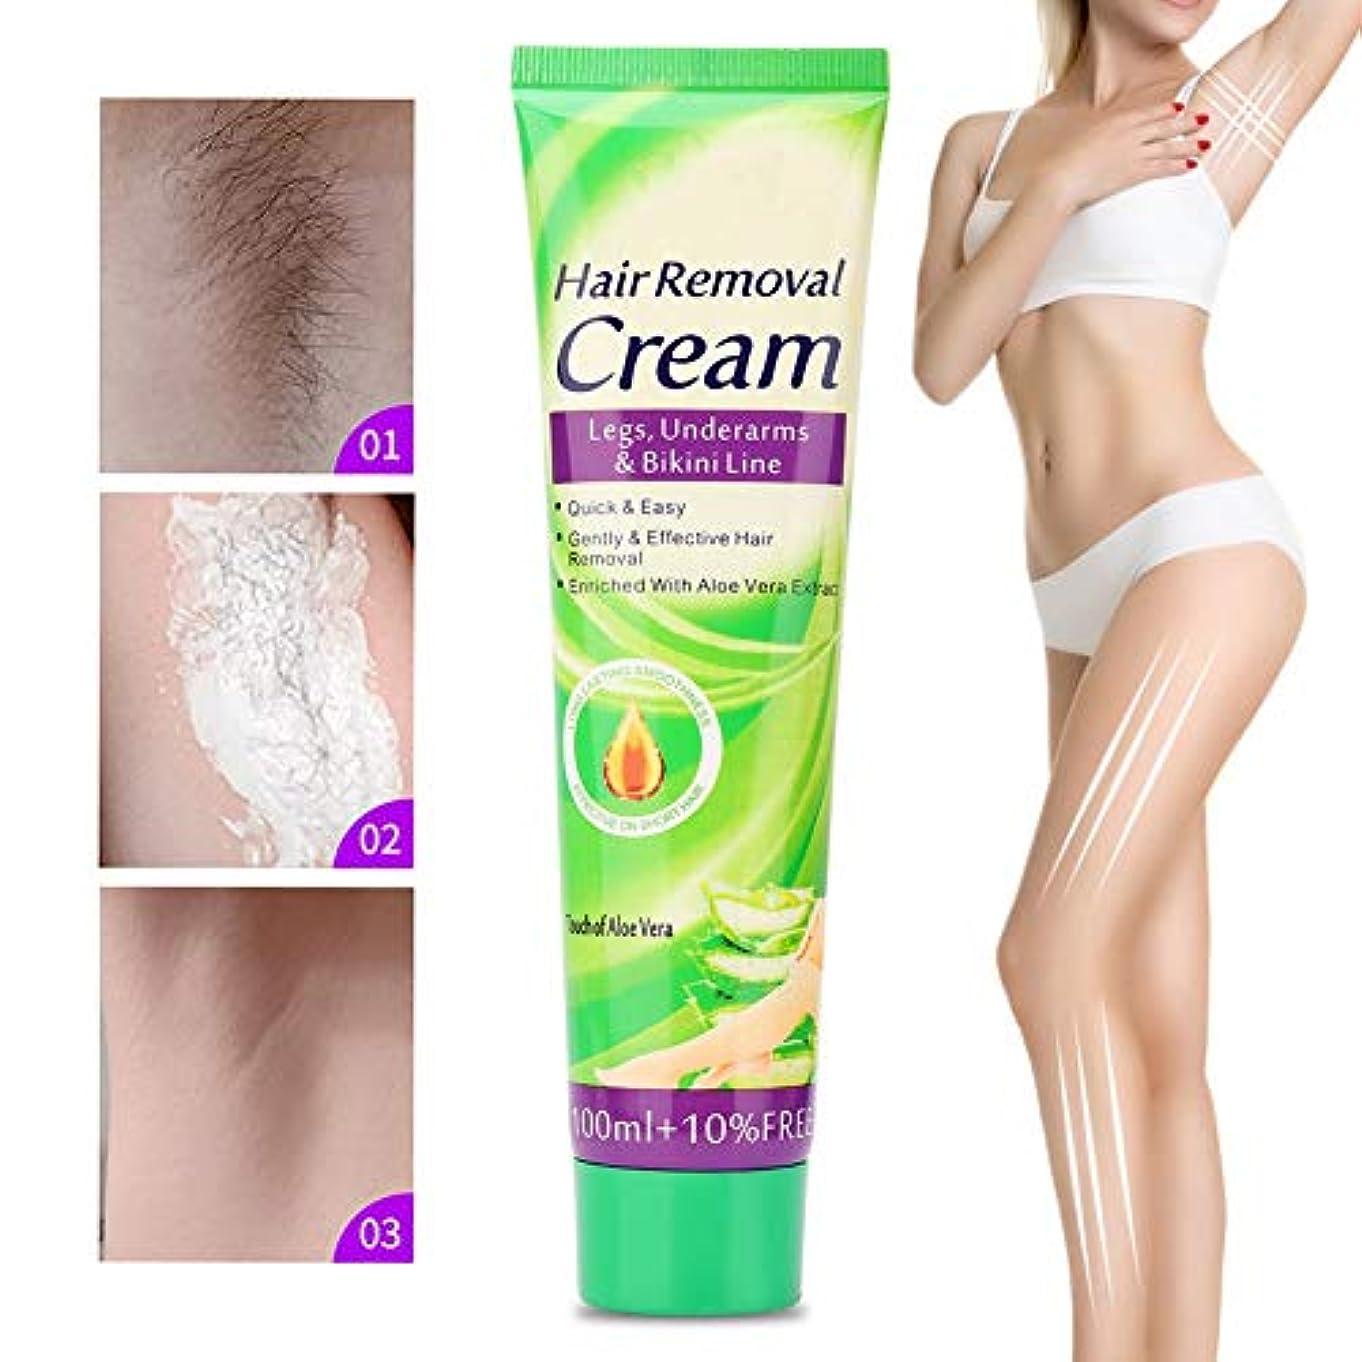 豆ミス差し引く110ml脱毛クリーム、痛みのない安全でプレミアムソフトな脱毛クリーム男性と女性が脚の腕の下で使用するのに便利